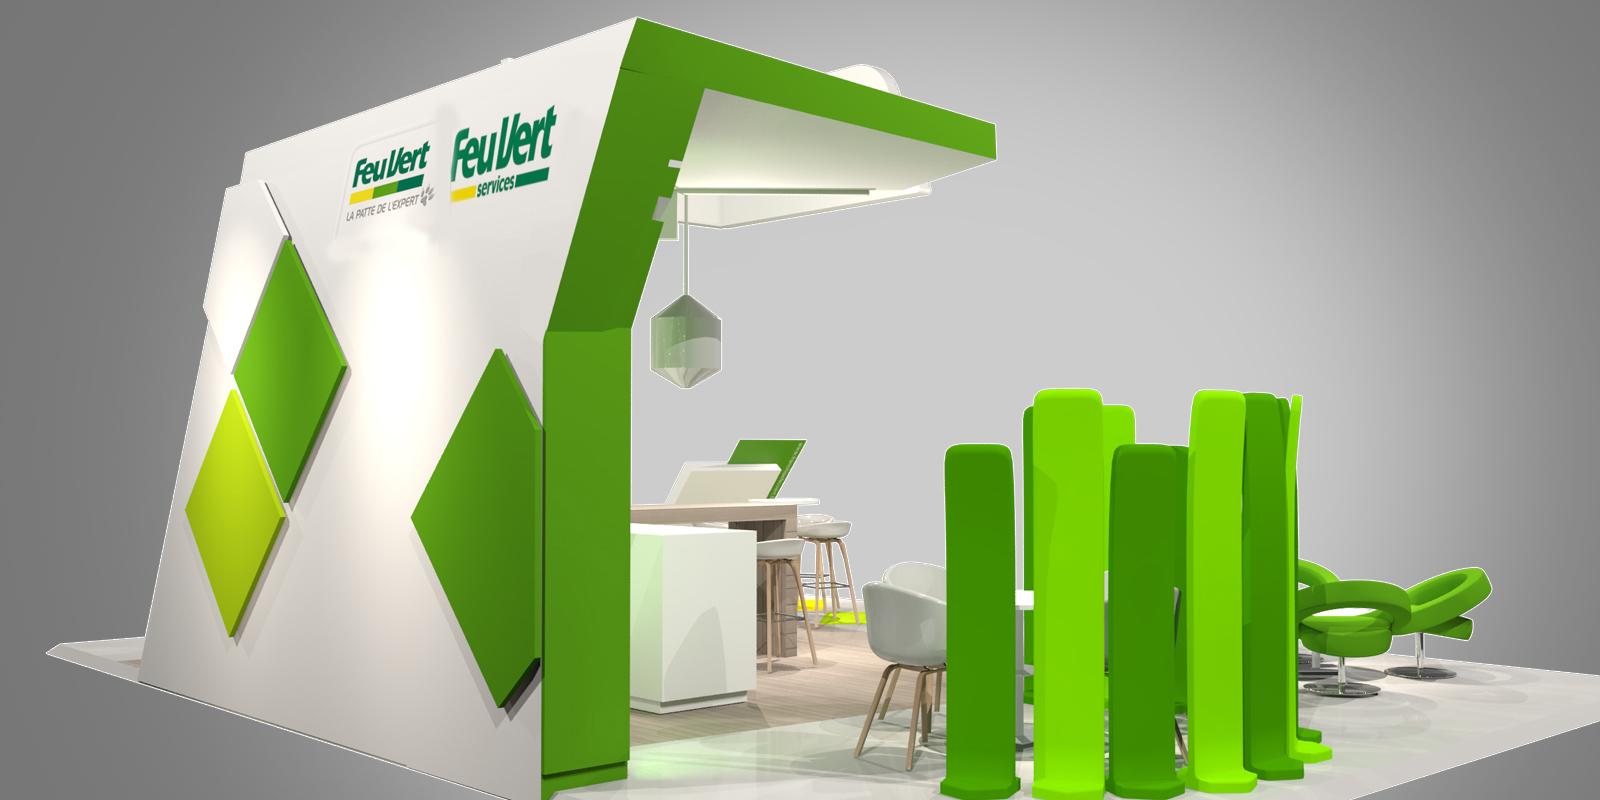 Stand salon pour feu vert expace fabricant de stand for Fabricant de stand pour salon